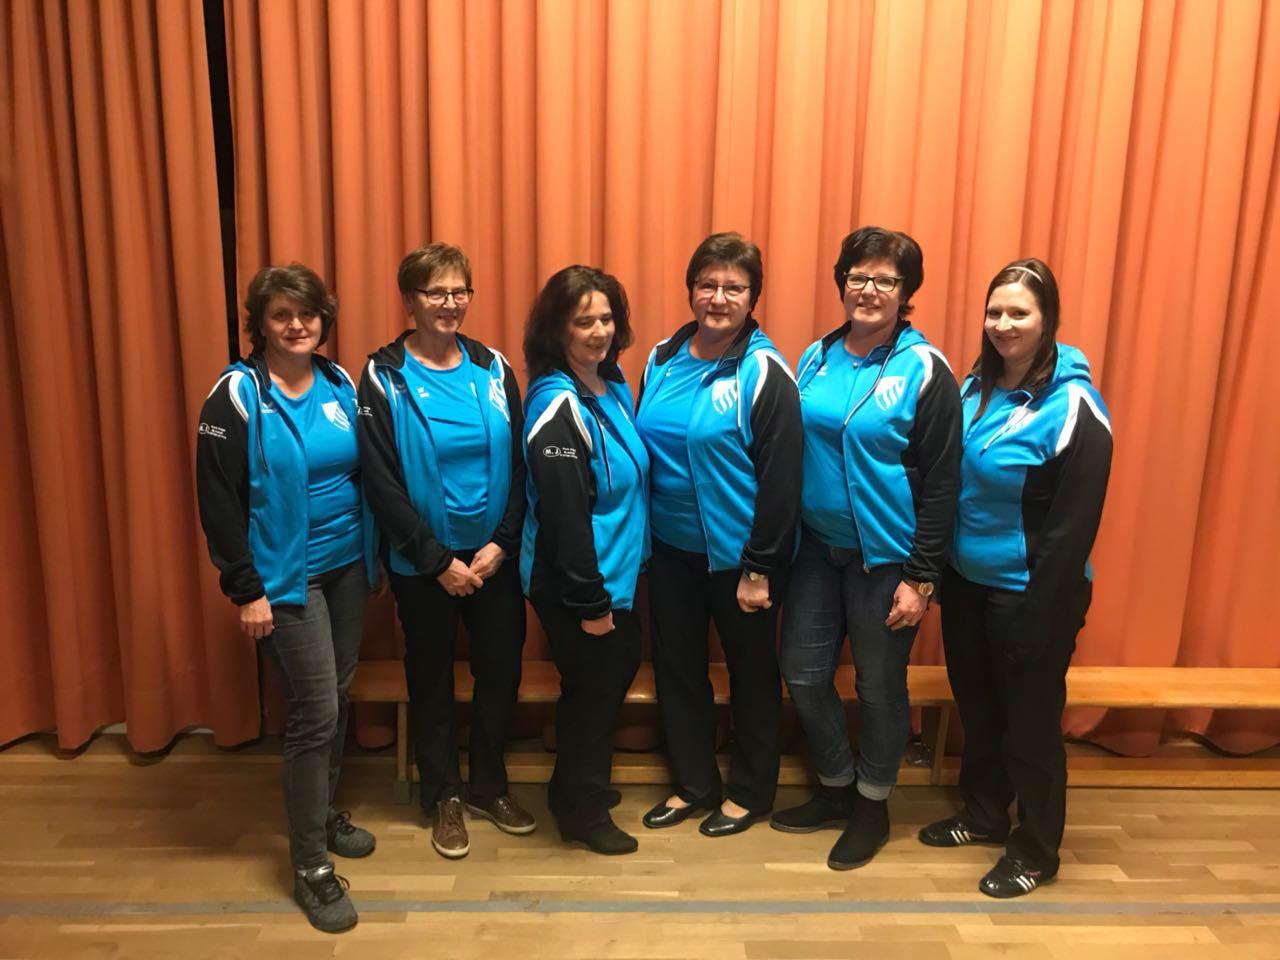 Das Team der Sport-Fit-Gesund Abteilung